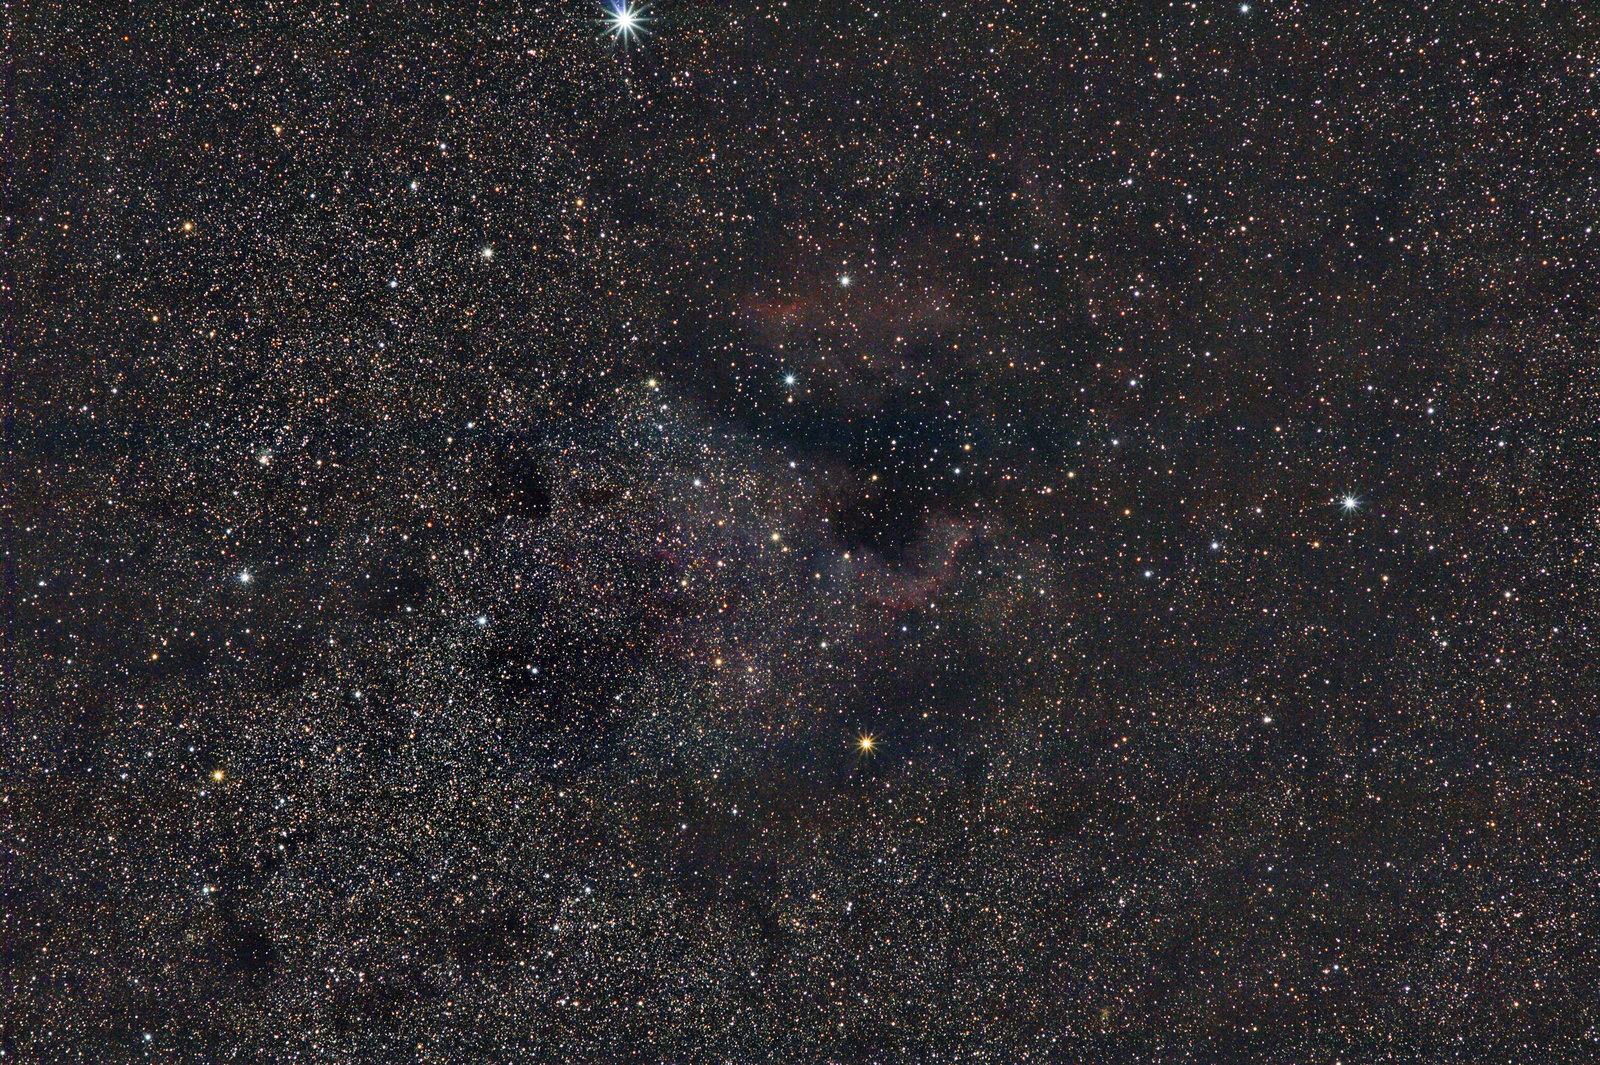 NGC 7000 Jupiter 37a 2h 57min  f10 iso 800 0617-18-19-202017jpg.jpg